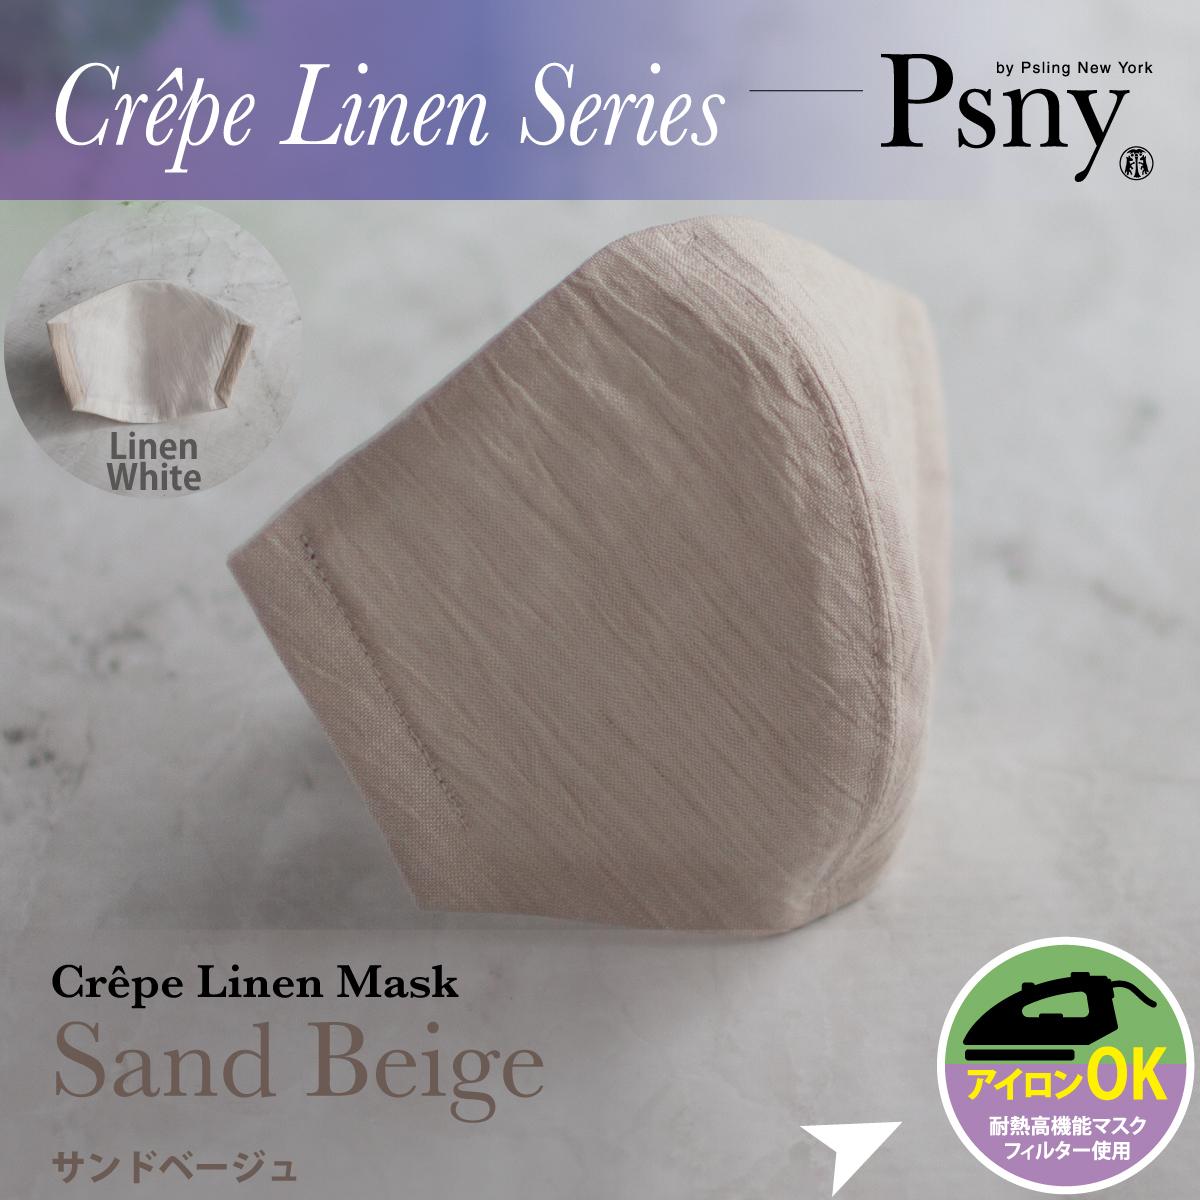 PSNY クレープ リネン・サンドベージュ 花粉 黄砂 洗える不織布フィルター入り 立体 大人用 マスク 送料無料 P03